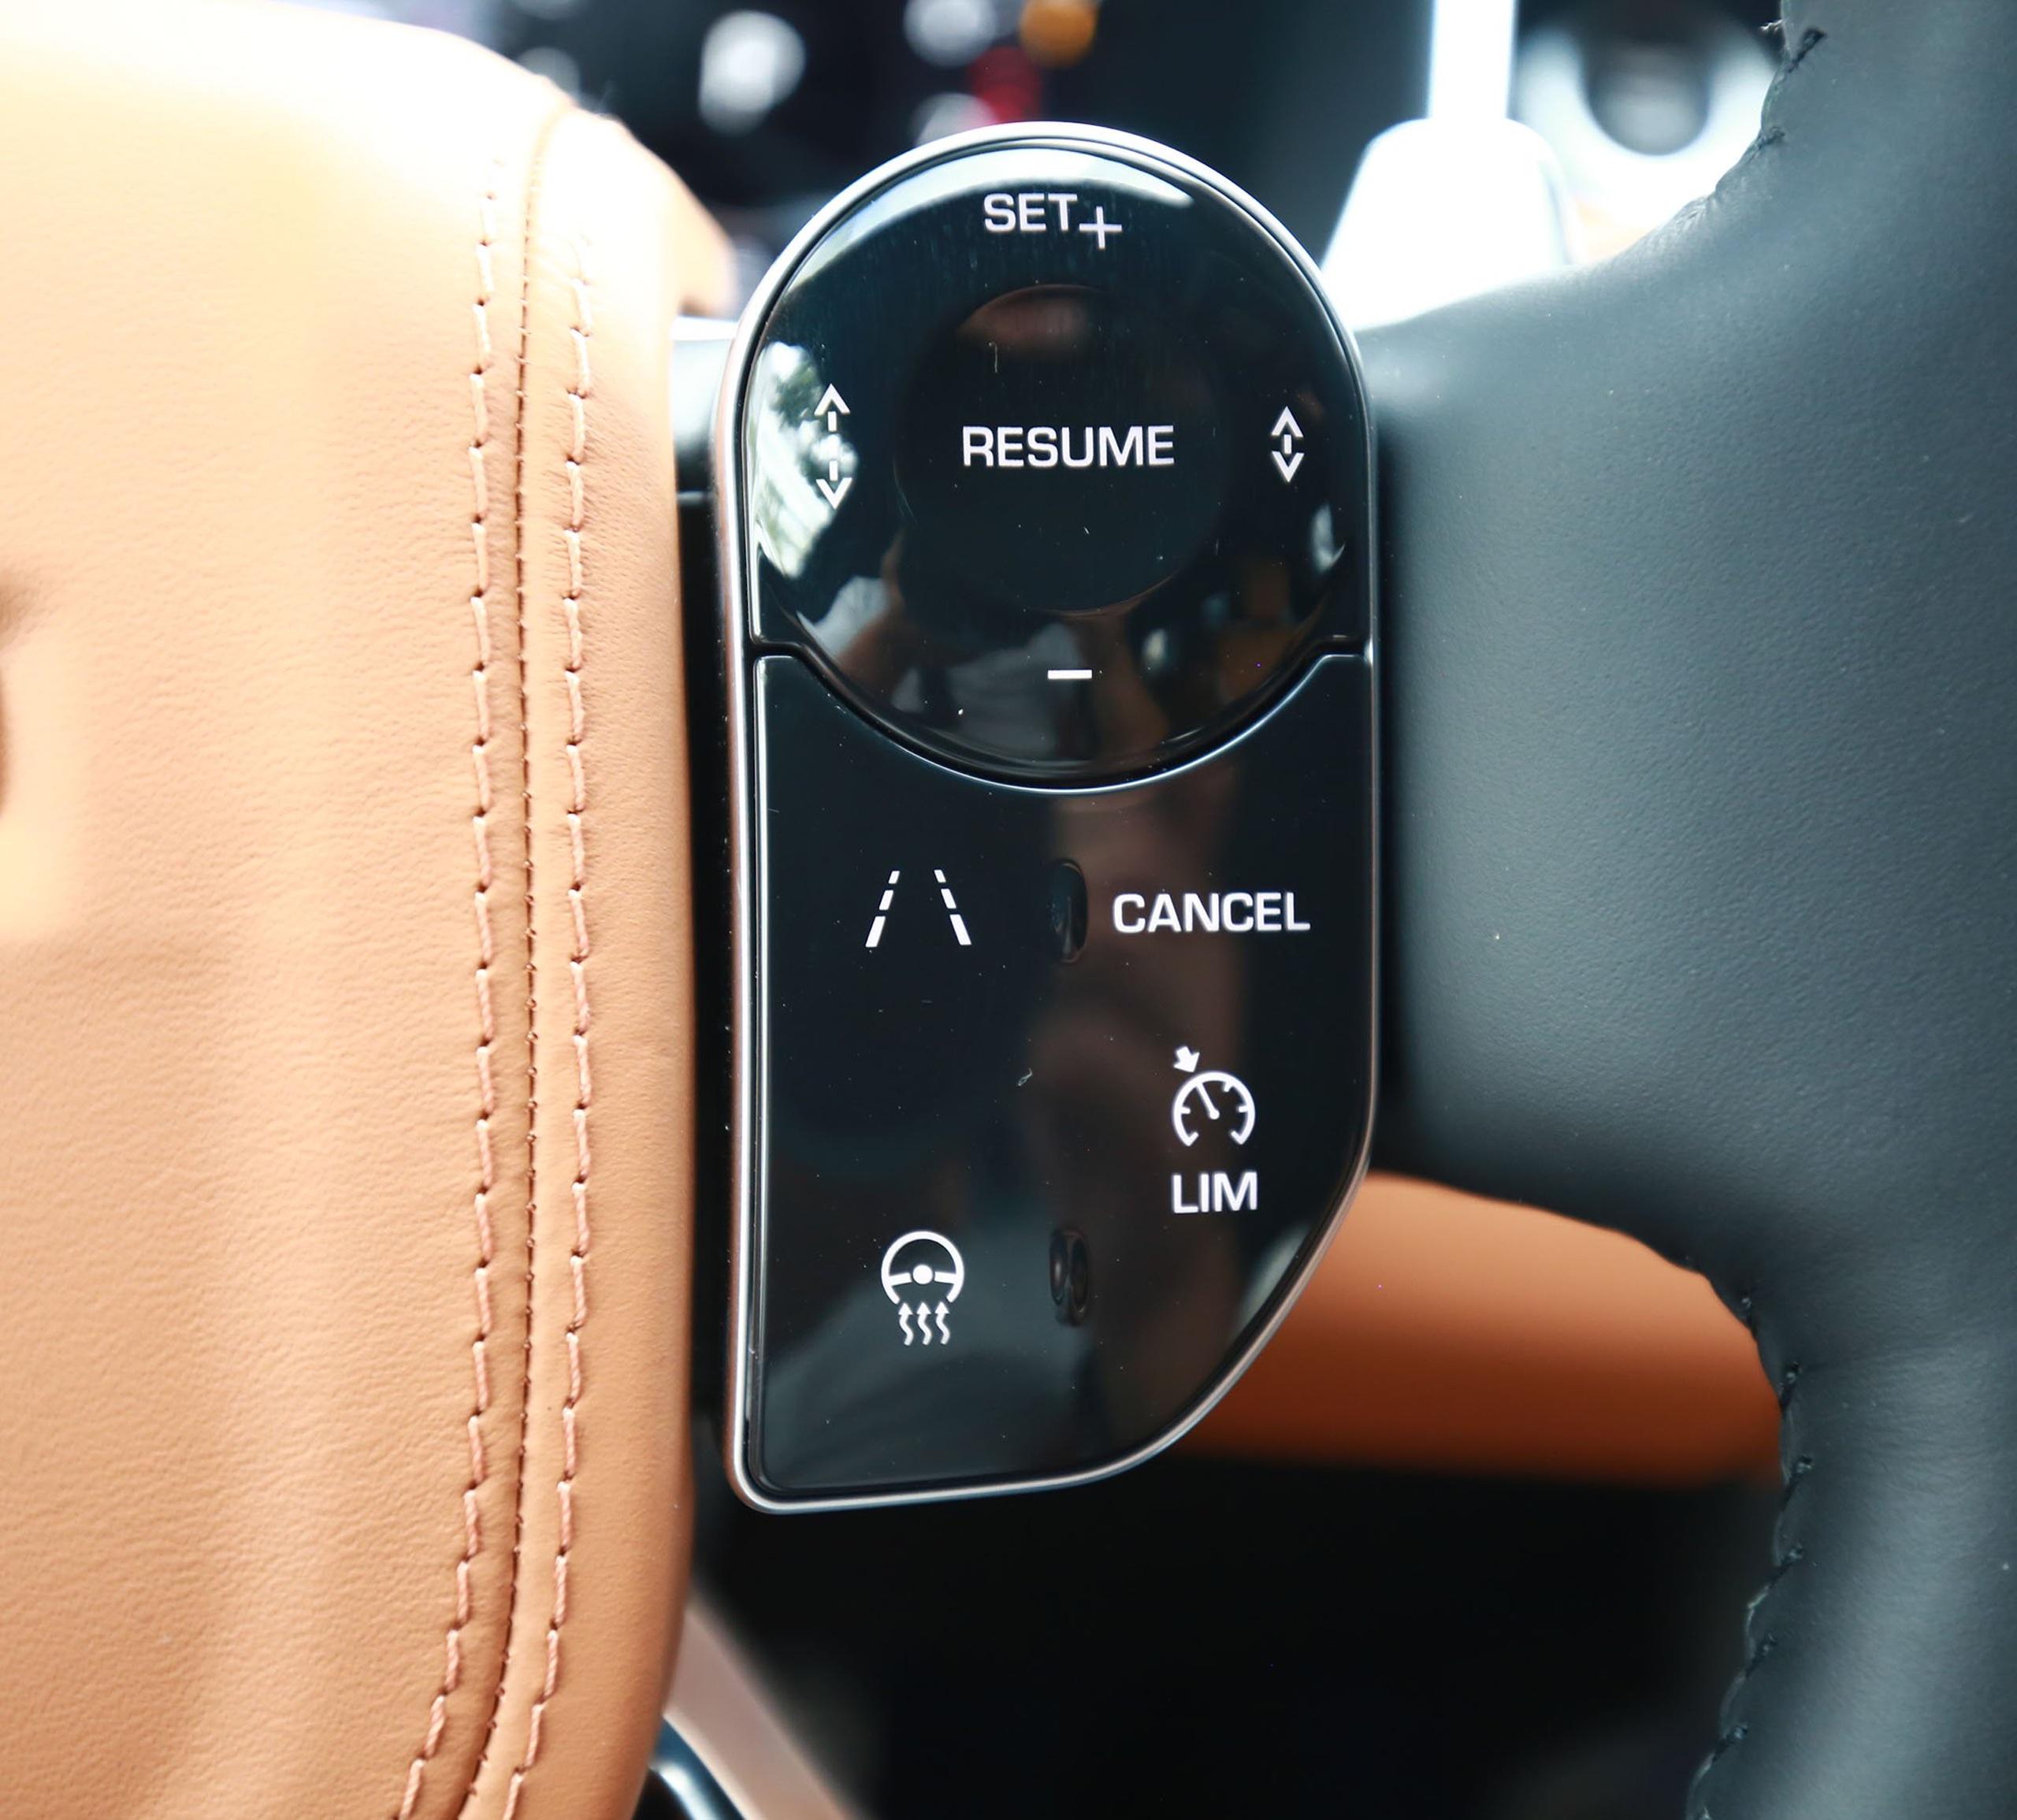 RANGE ROVER AUTOBIOGRAPHY 3.0 P400 2021